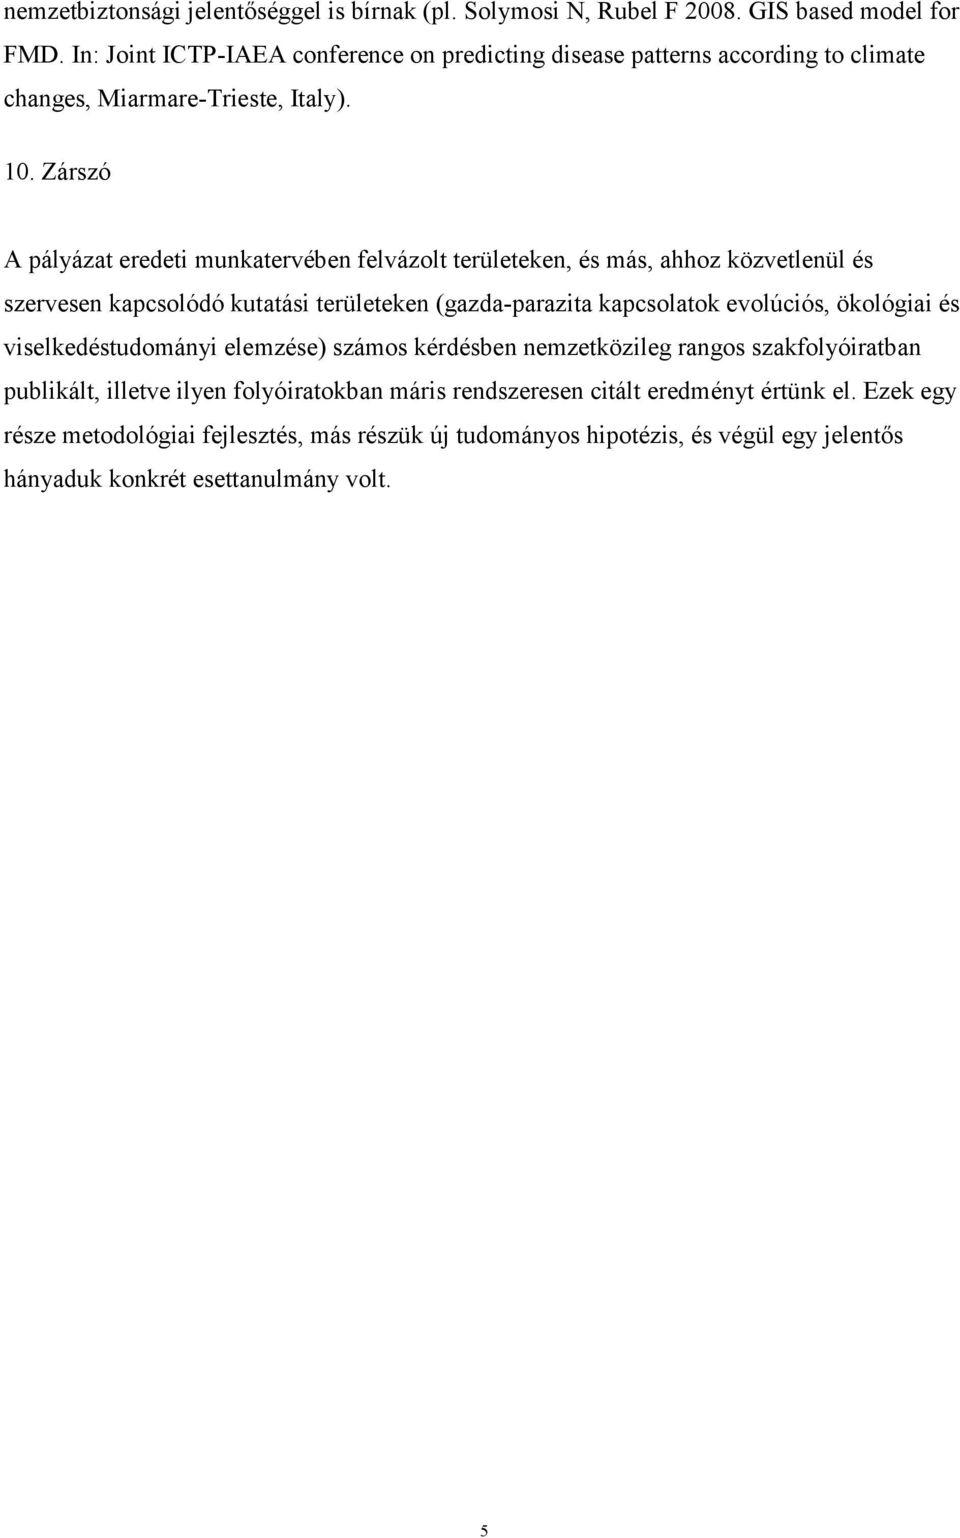 humán papillomavírushoz kapcsolódó kutatás)